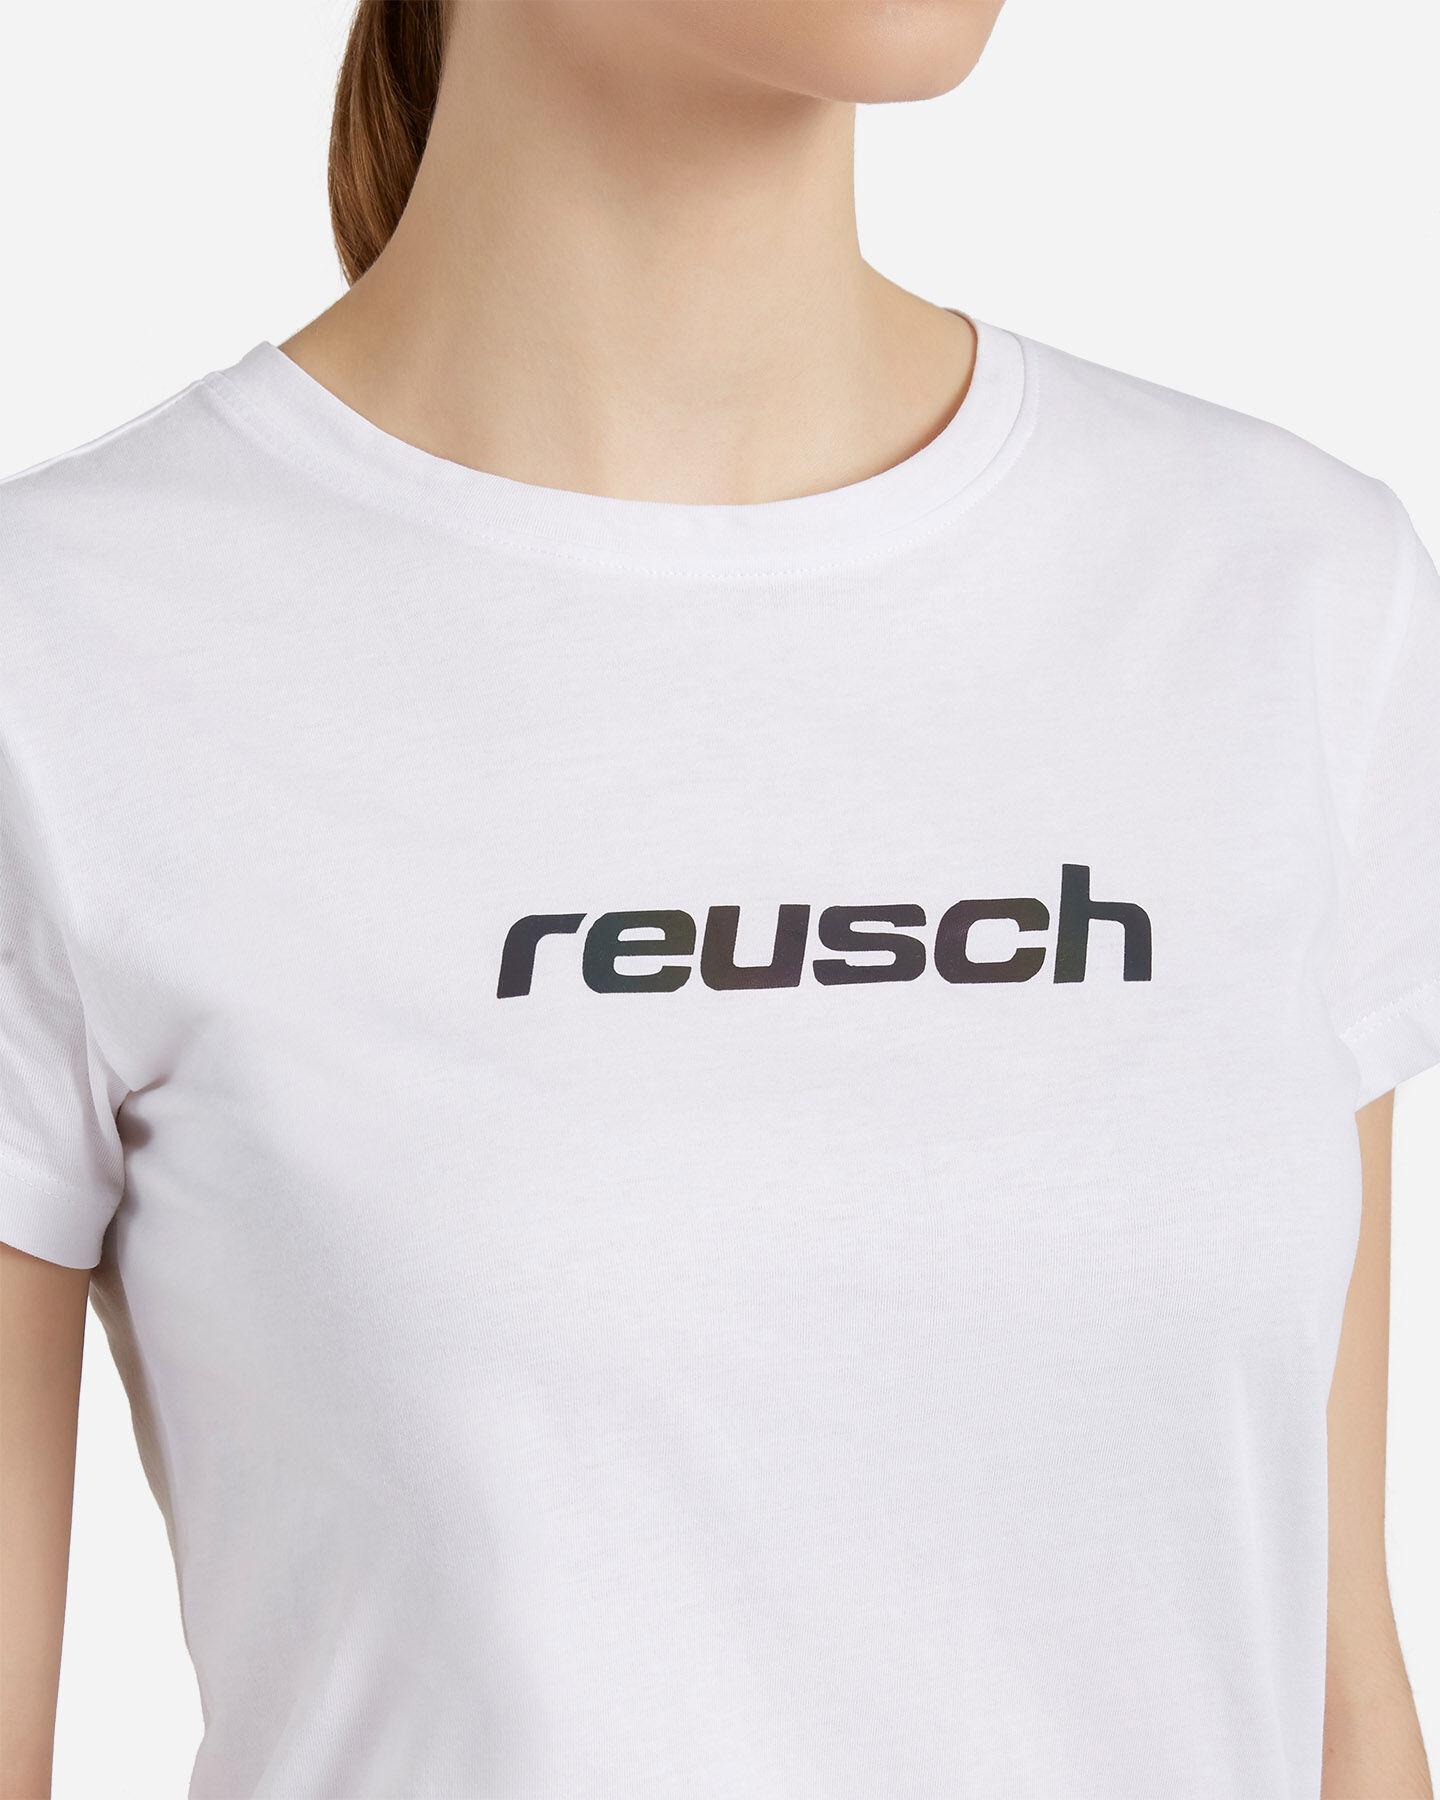 T-Shirt REUSCH LOGO W S4087258 scatto 4